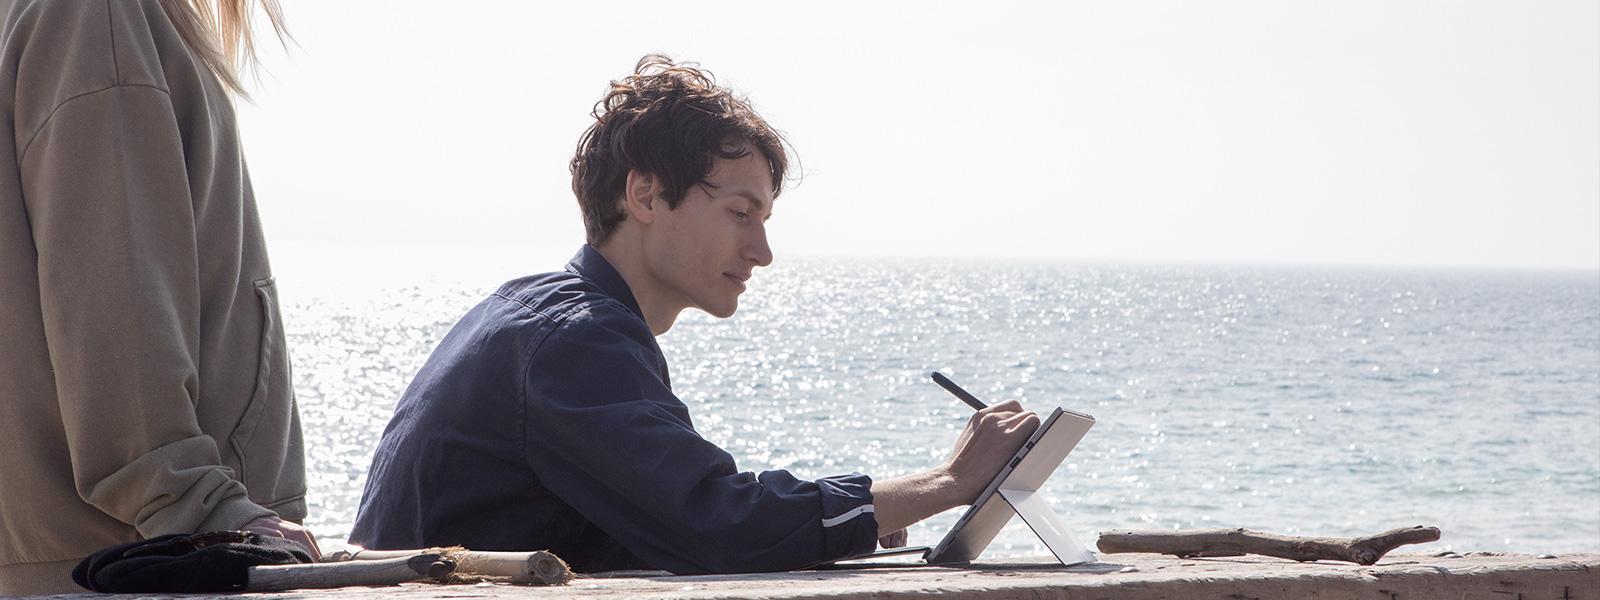 ผู้ชายกำลังใช้ Surface Pro อยู่ภายนอกอาคาร